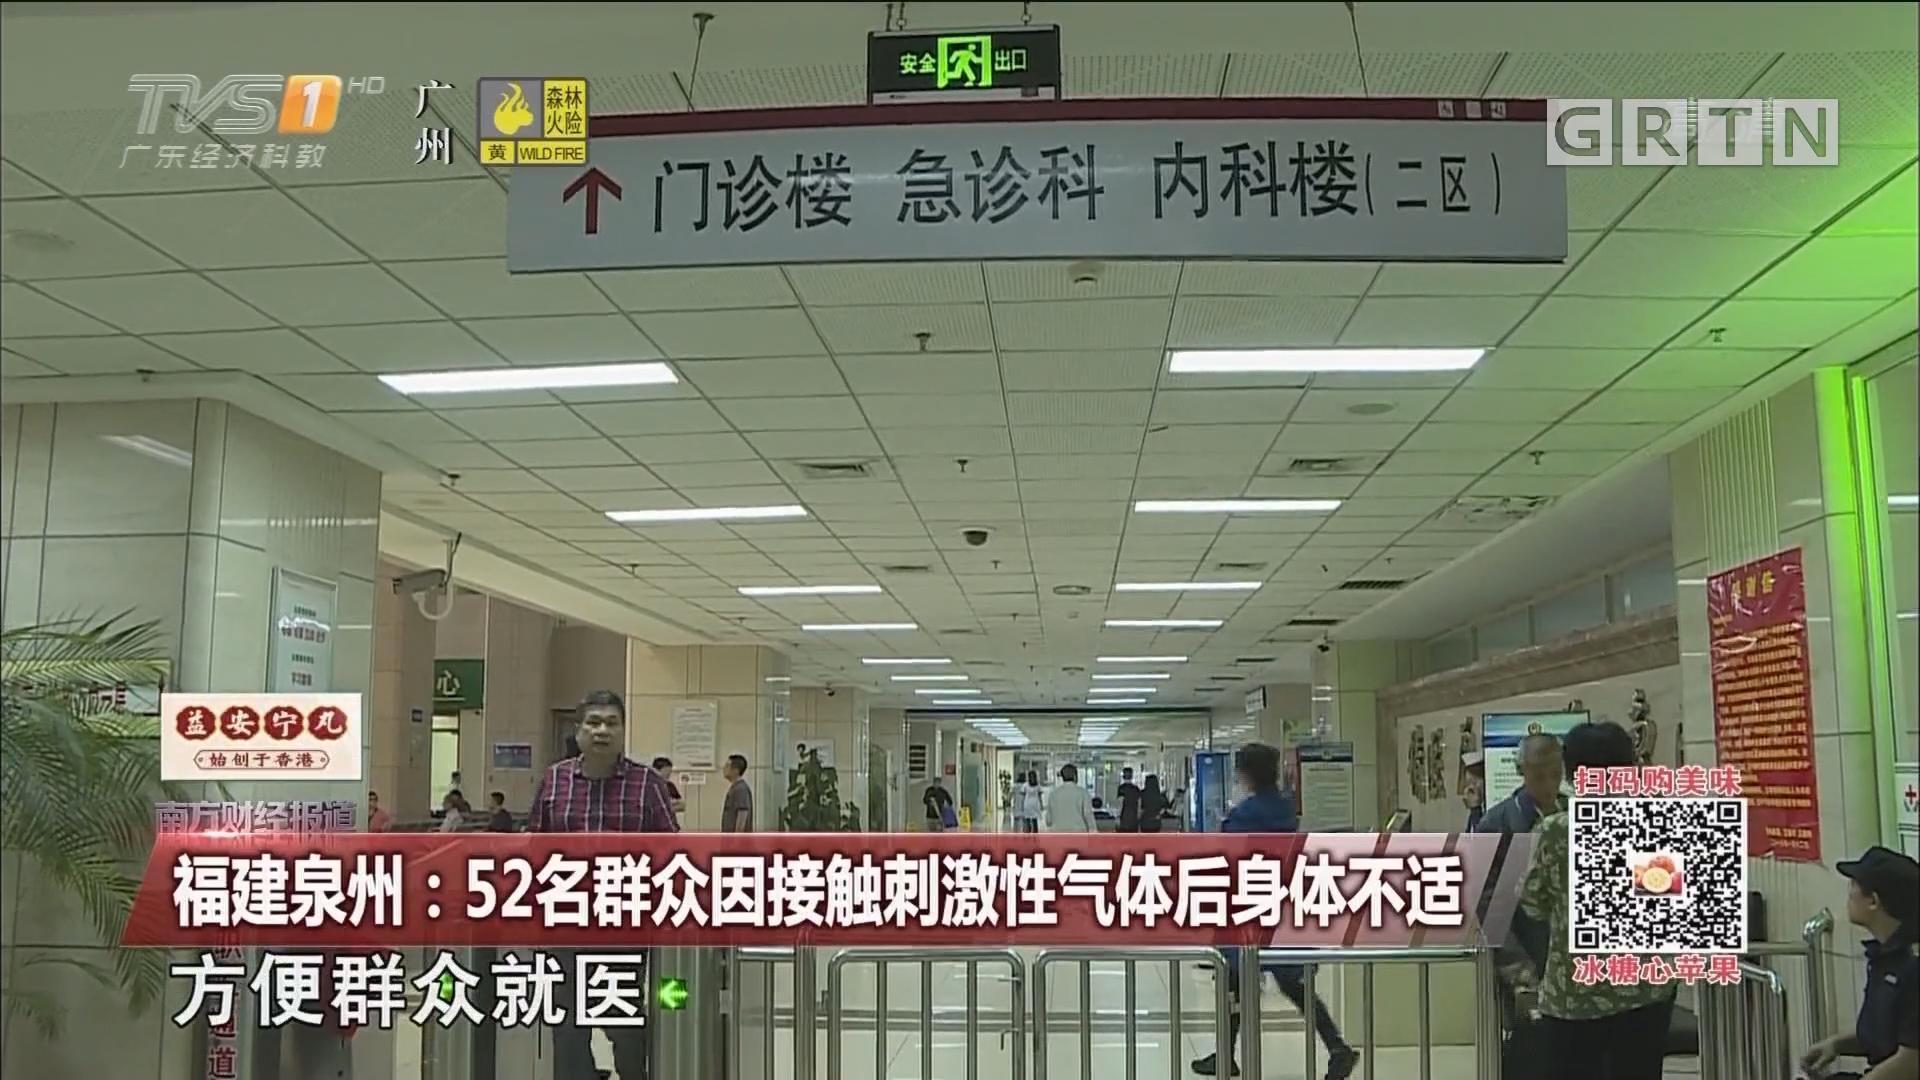 福建泉州:52名群众因接触刺激性气体后身体不适